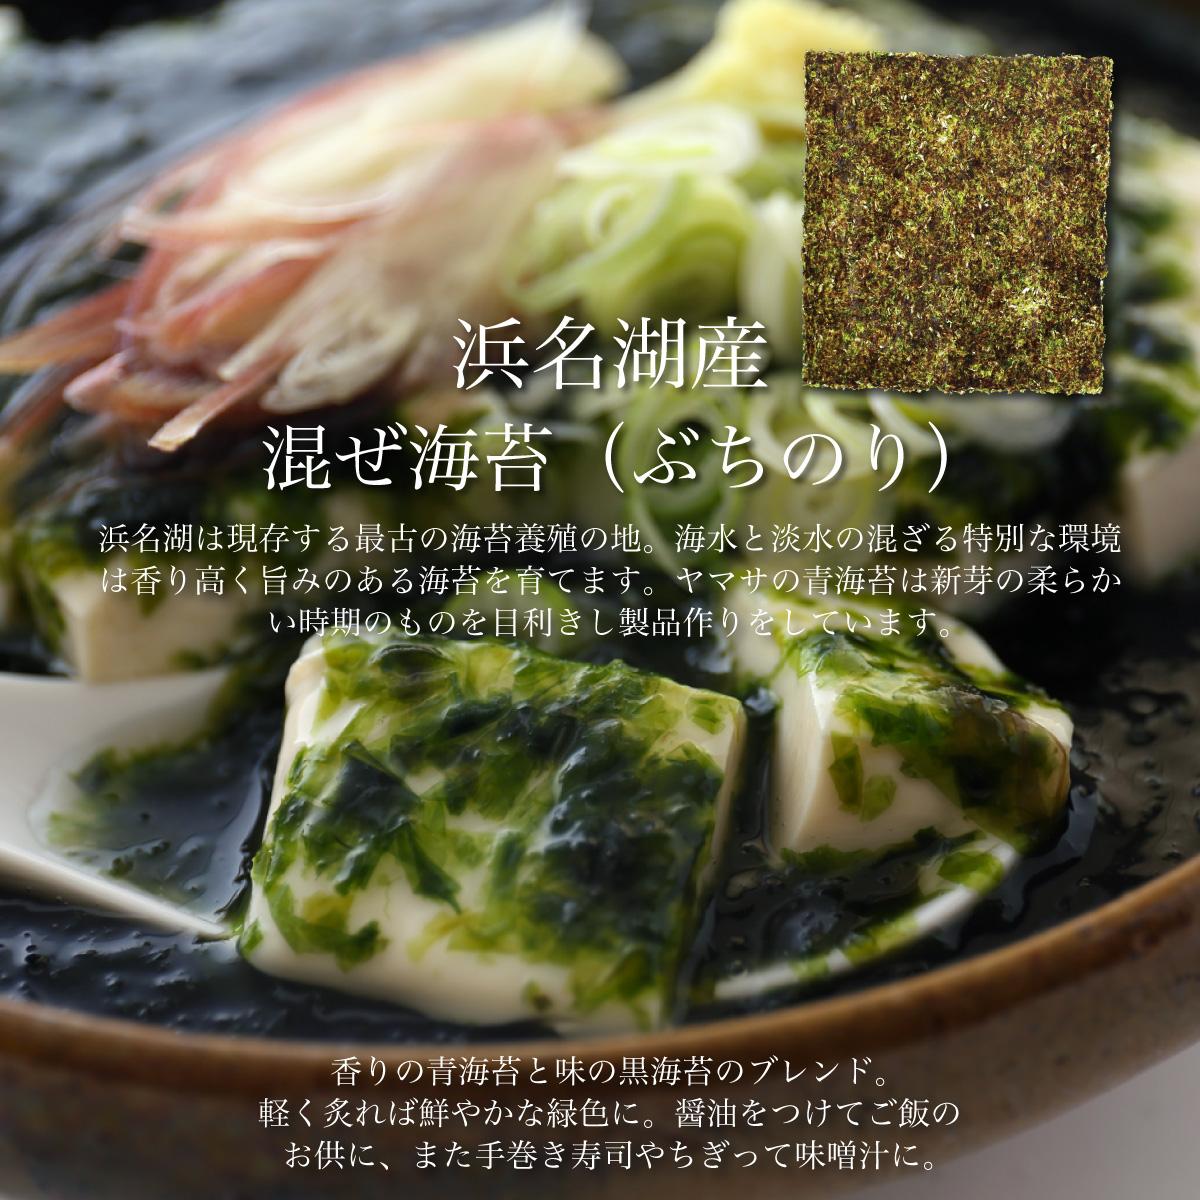 【新物】青混ぜ「ぶちのり」10枚set 味の黒海苔と香りの浜名湖産青のりブレンド海苔【冷凍】アオサのり